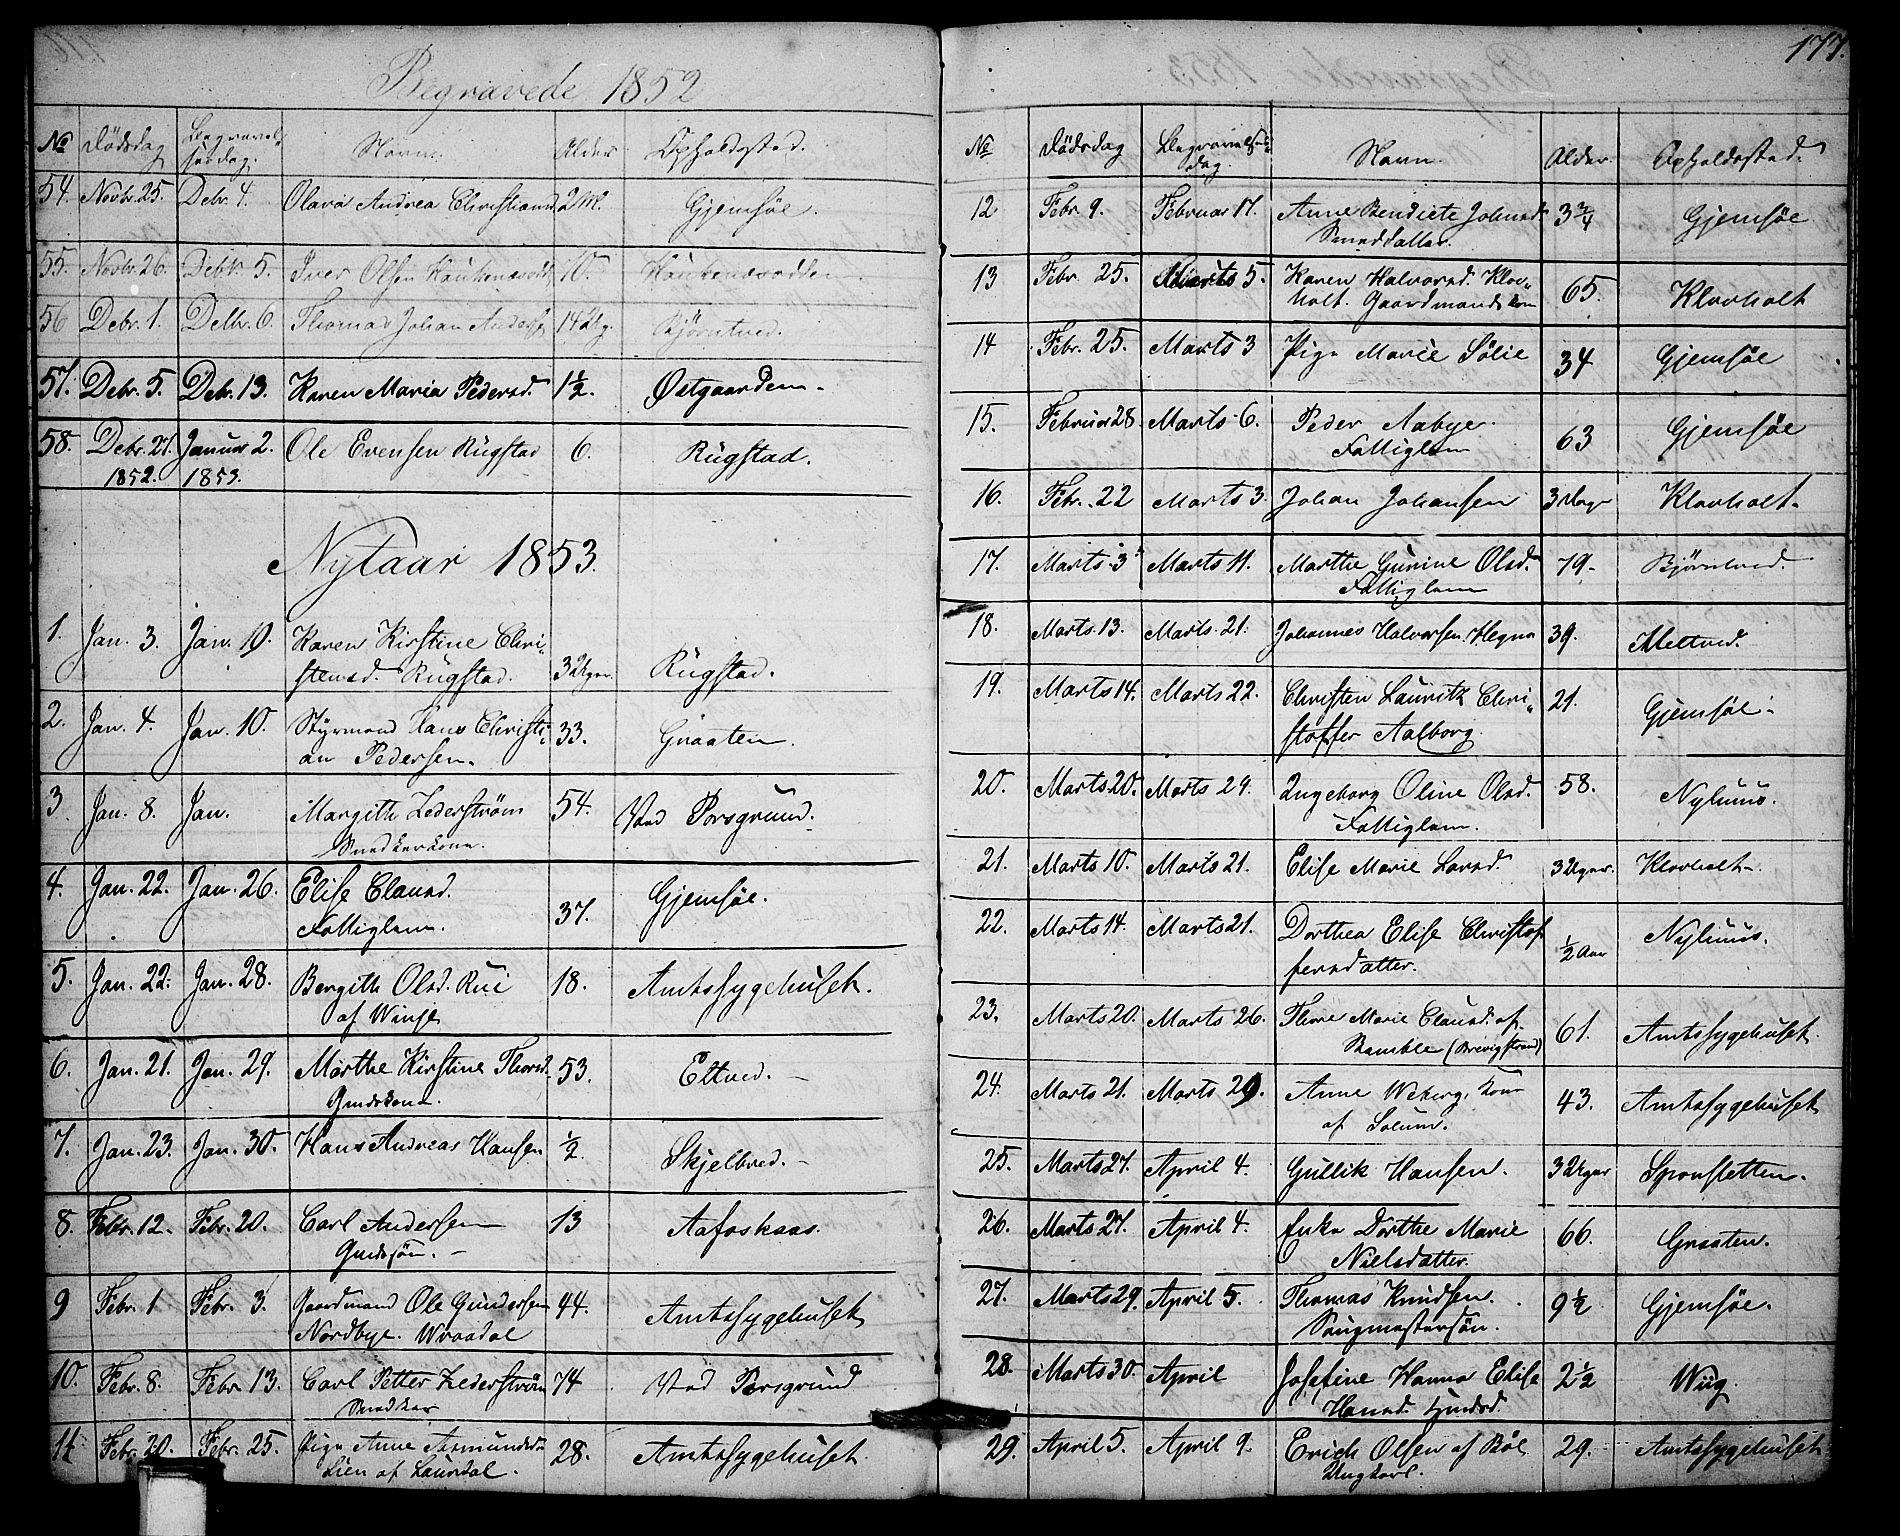 SAKO, Solum kirkebøker, G/Ga/L0003: Klokkerbok nr. I 3, 1848-1859, s. 177